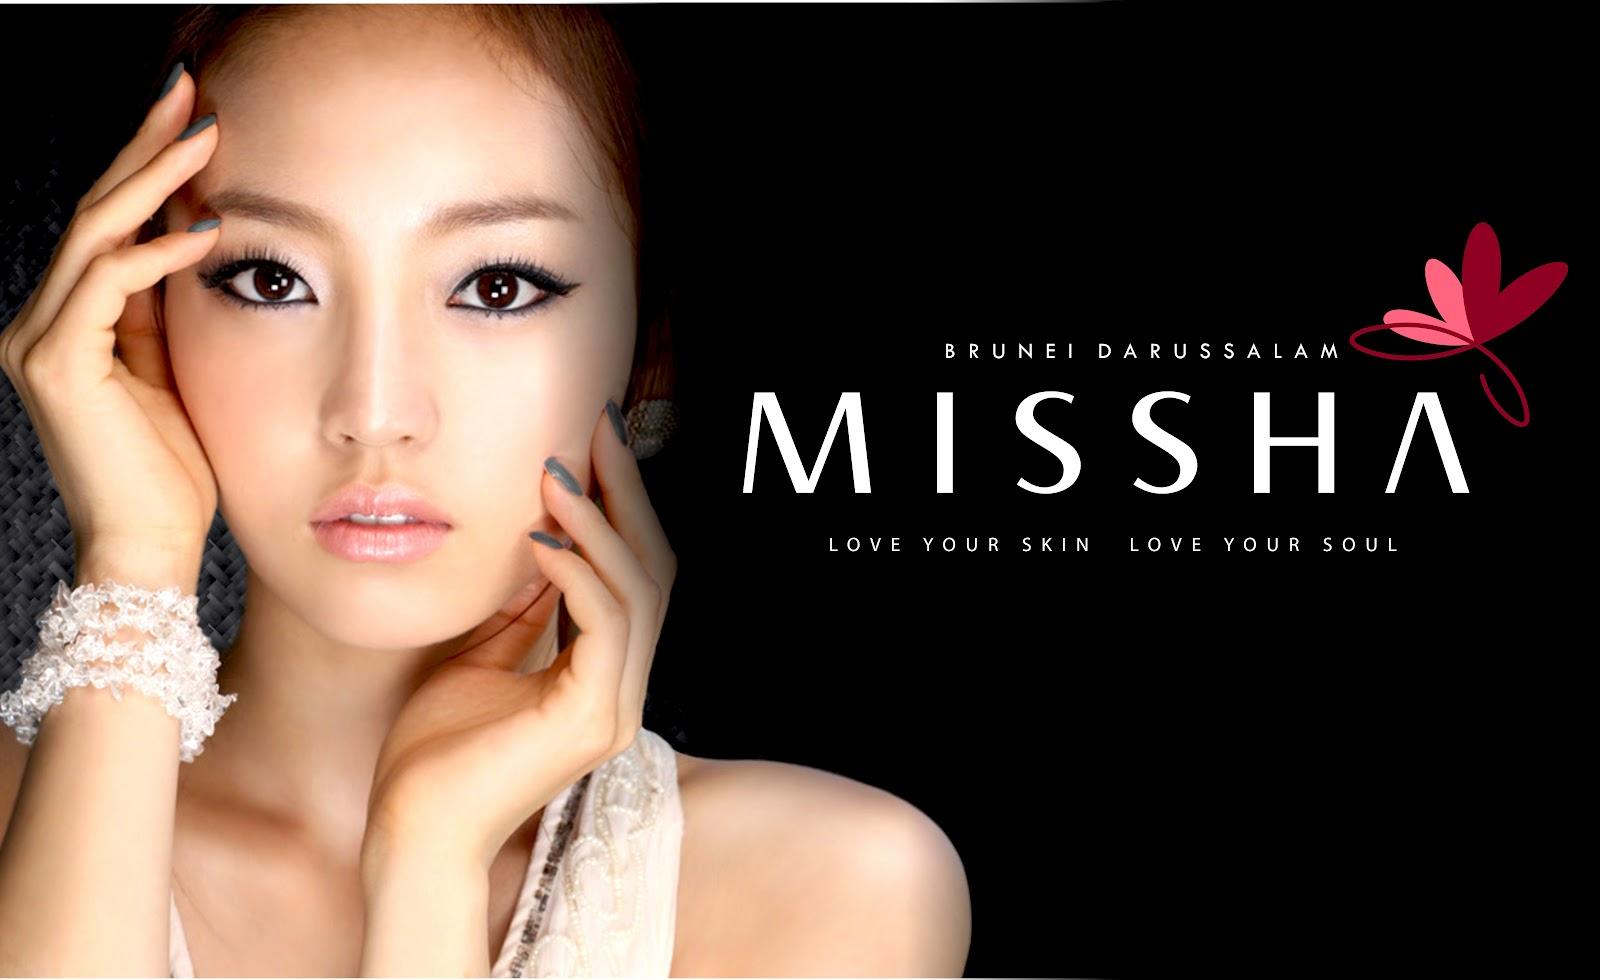 今大注目のおススメ韓国コスメ『ミシャ』の魅力を徹底解剖!のサムネイル画像